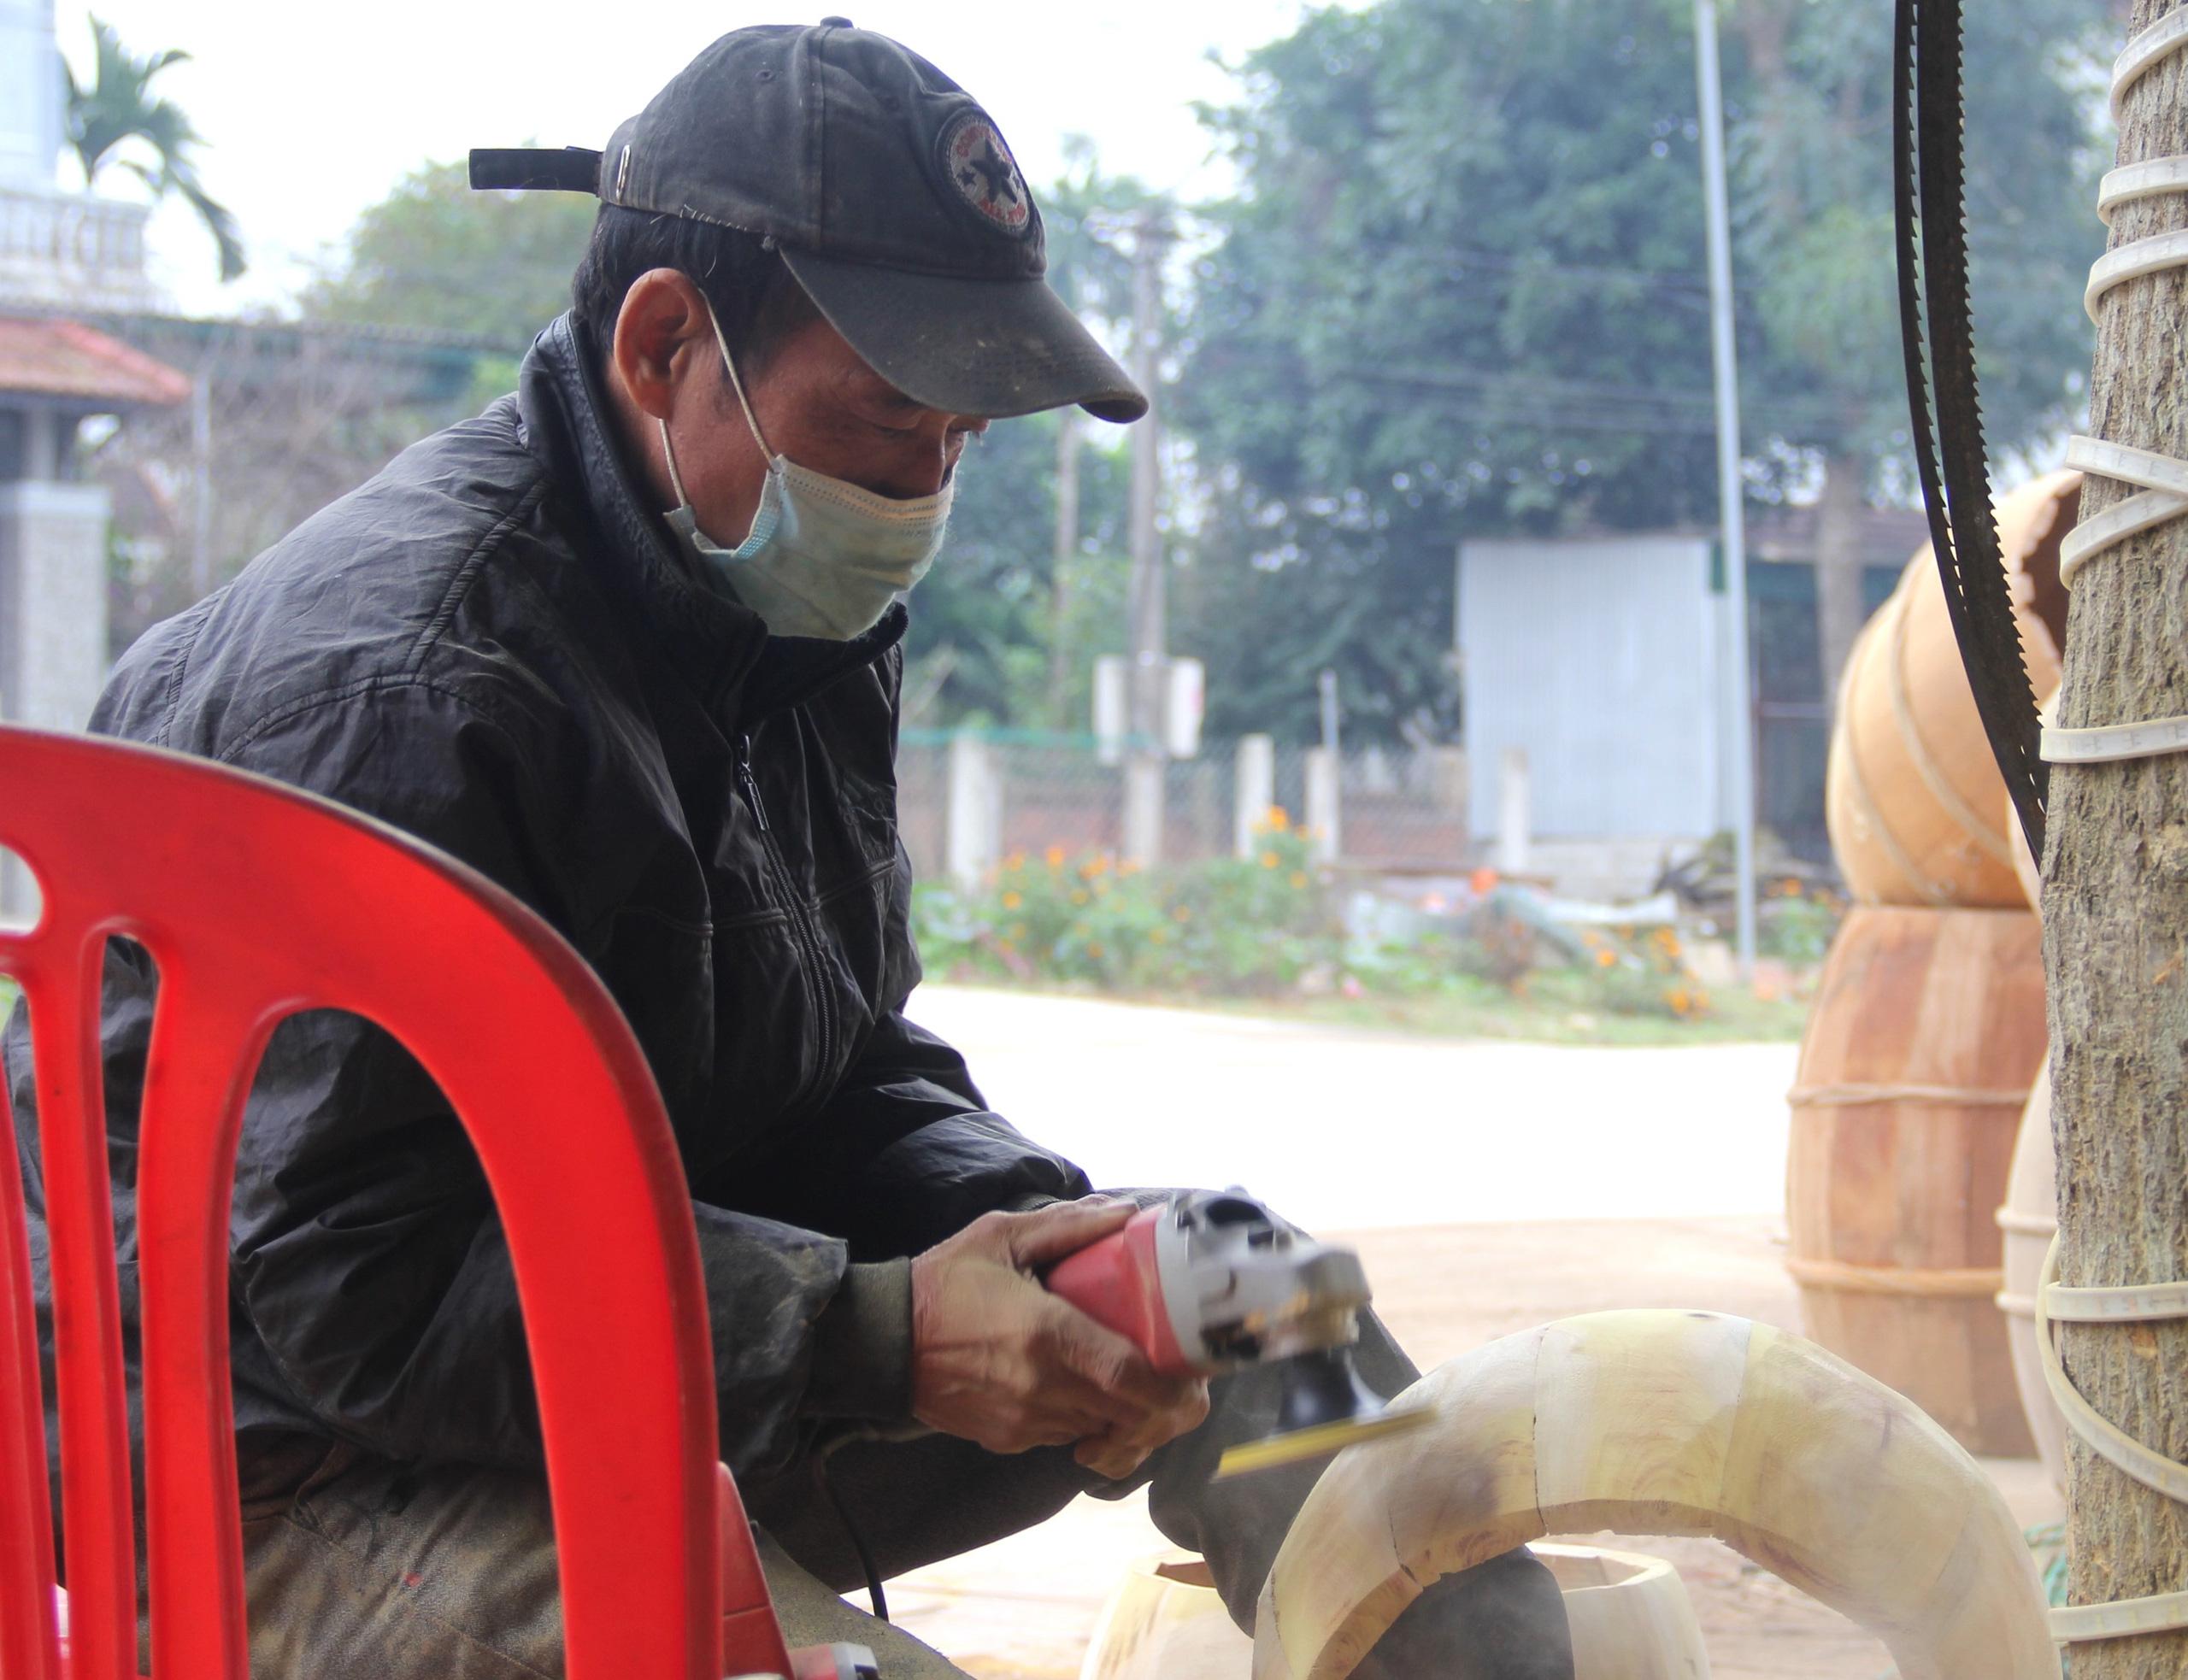 Cận cảnh quá trình thuộc da trâu, bò làm trống của những người thợ tài hoa - Ảnh 6.